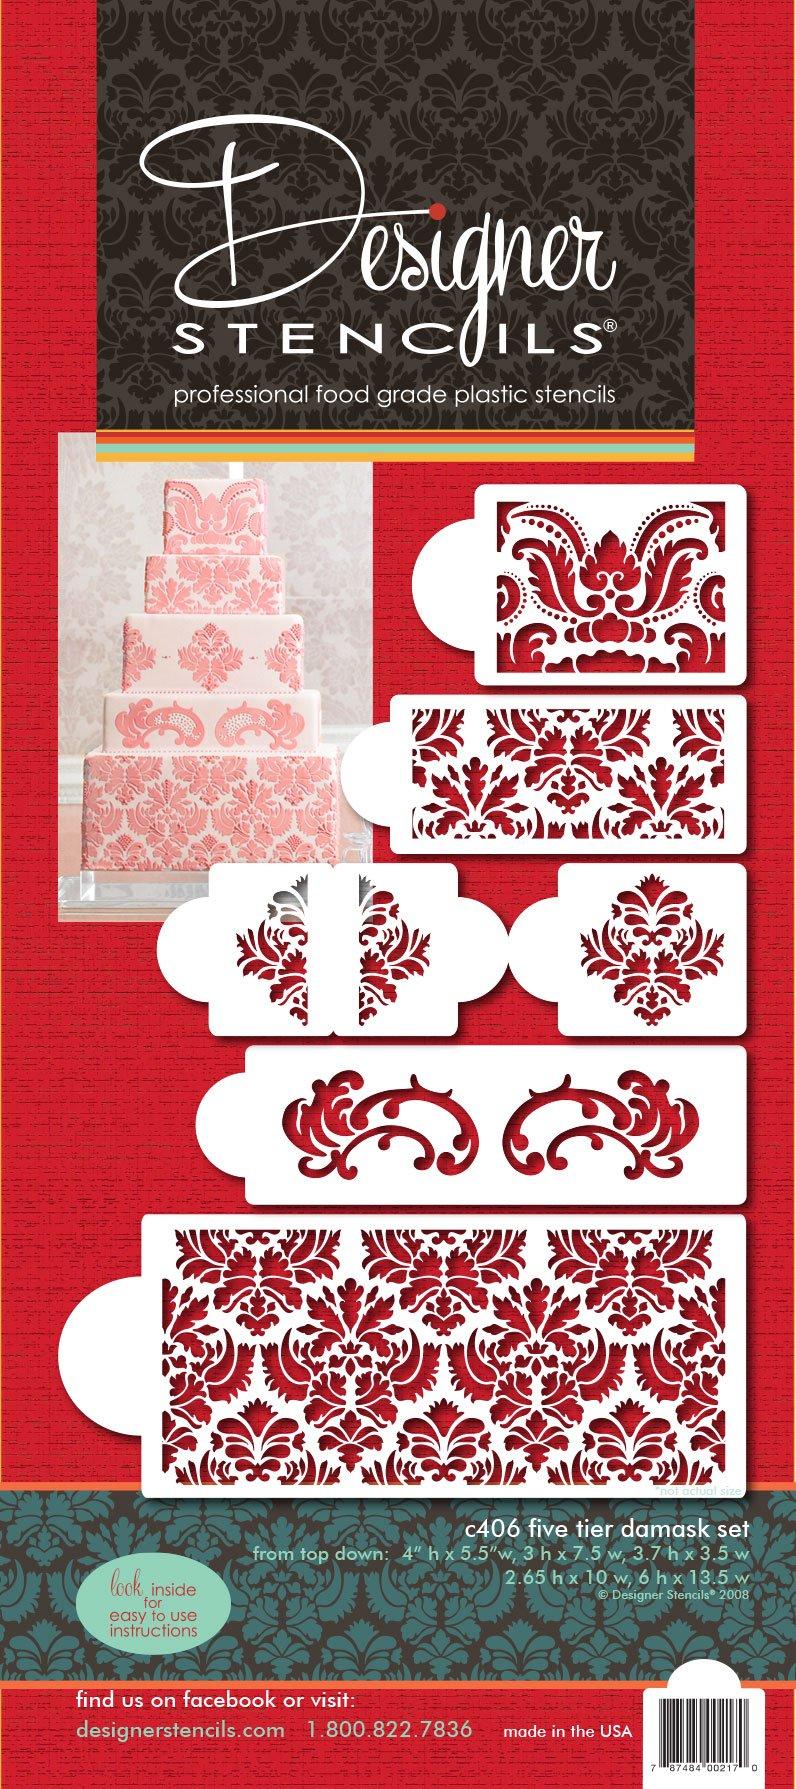 81qEnrSBryL - Designer Stencils C406Martha Stewart, Damask Cake 5-Tier Set Cake Stencil, Beige/Semi-Transparent